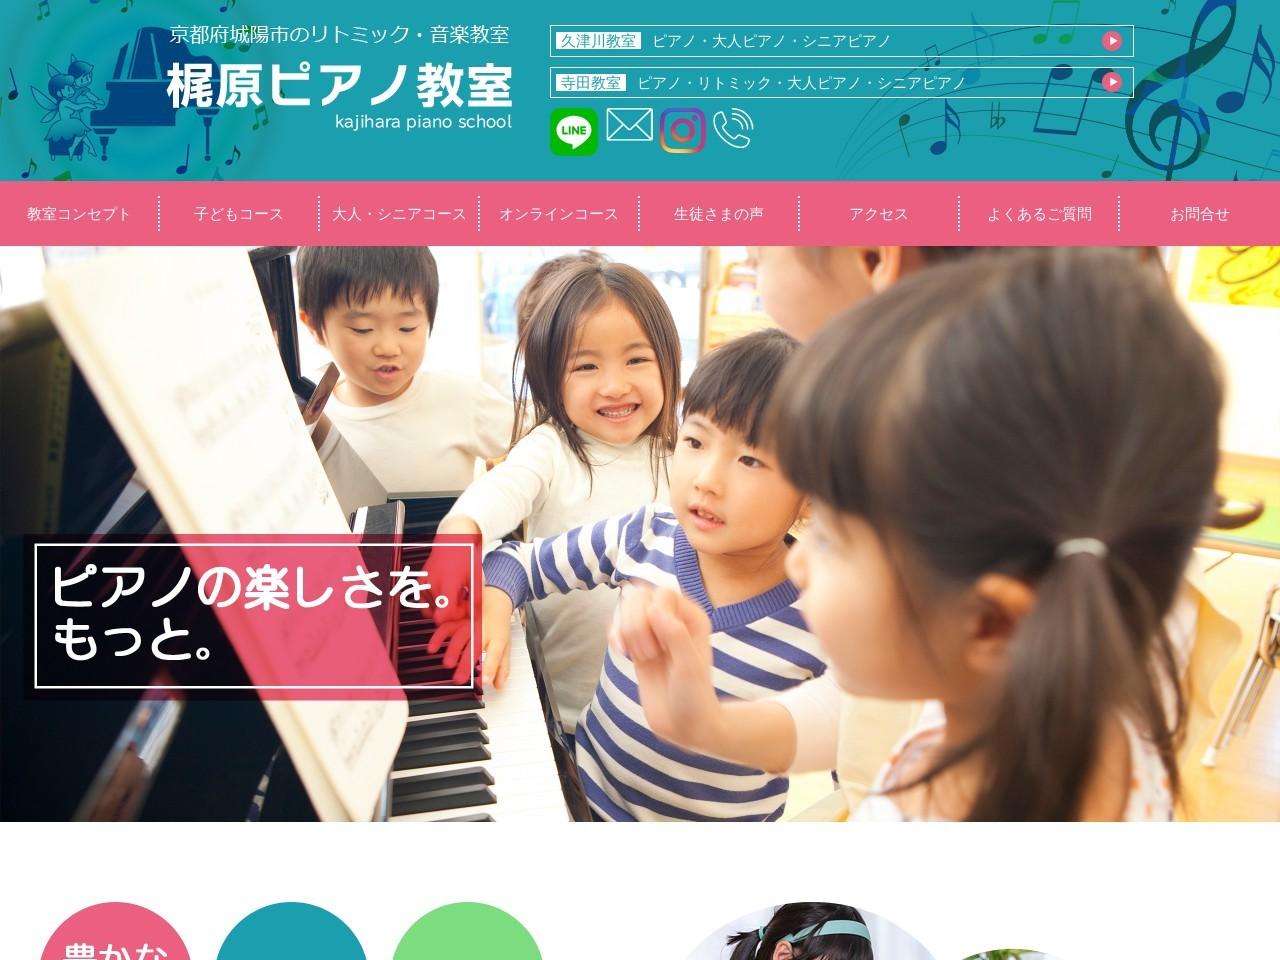 梶原ピアノ教室(市内2教室)のサムネイル